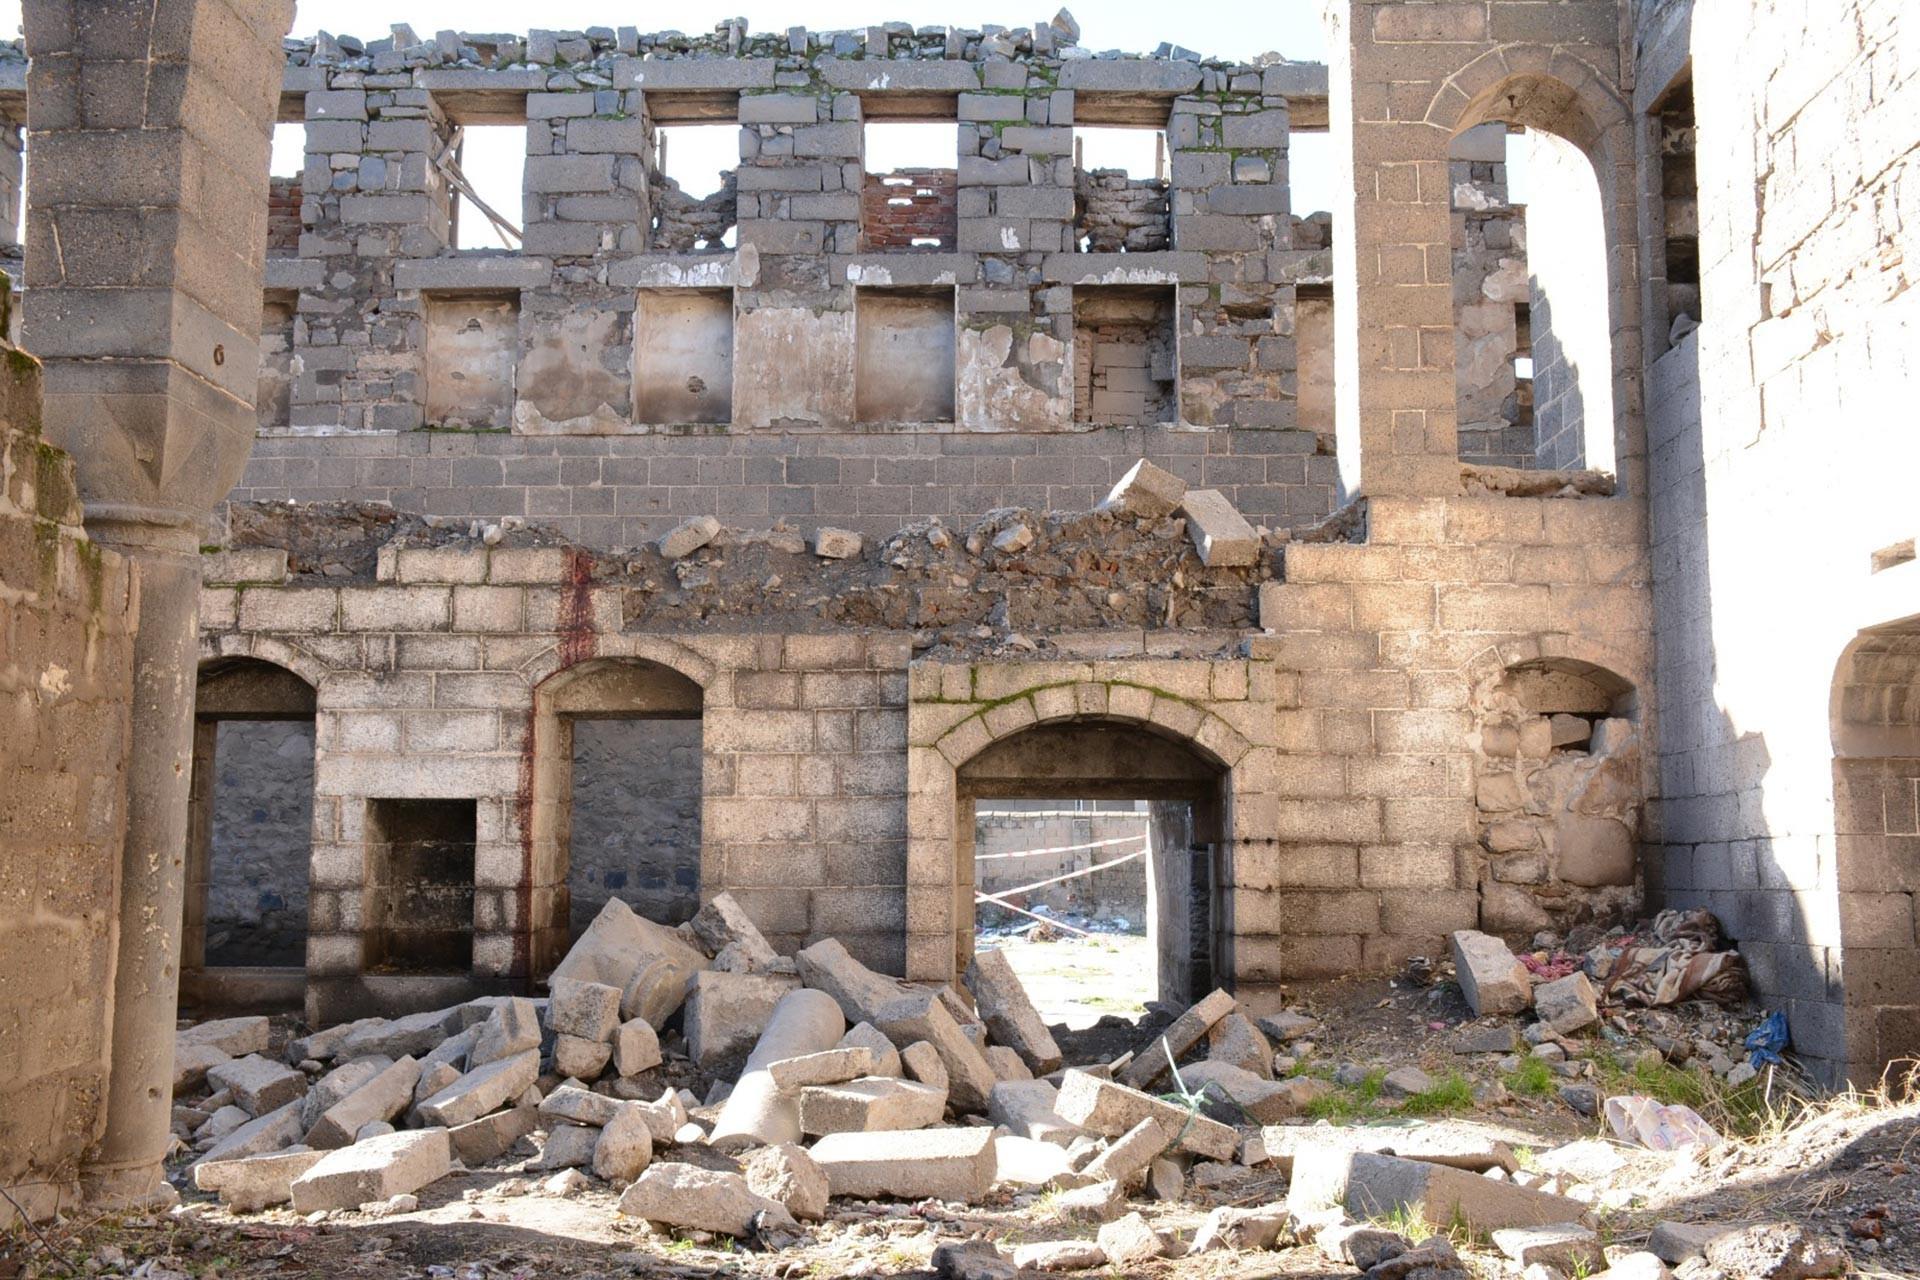 Diyarbakır Sur'da bulunan Surp Sarkis Ermeni Kilisesi'nin (Surp Sarkis Ermeni Kilisesi) duvarı yıkıldı